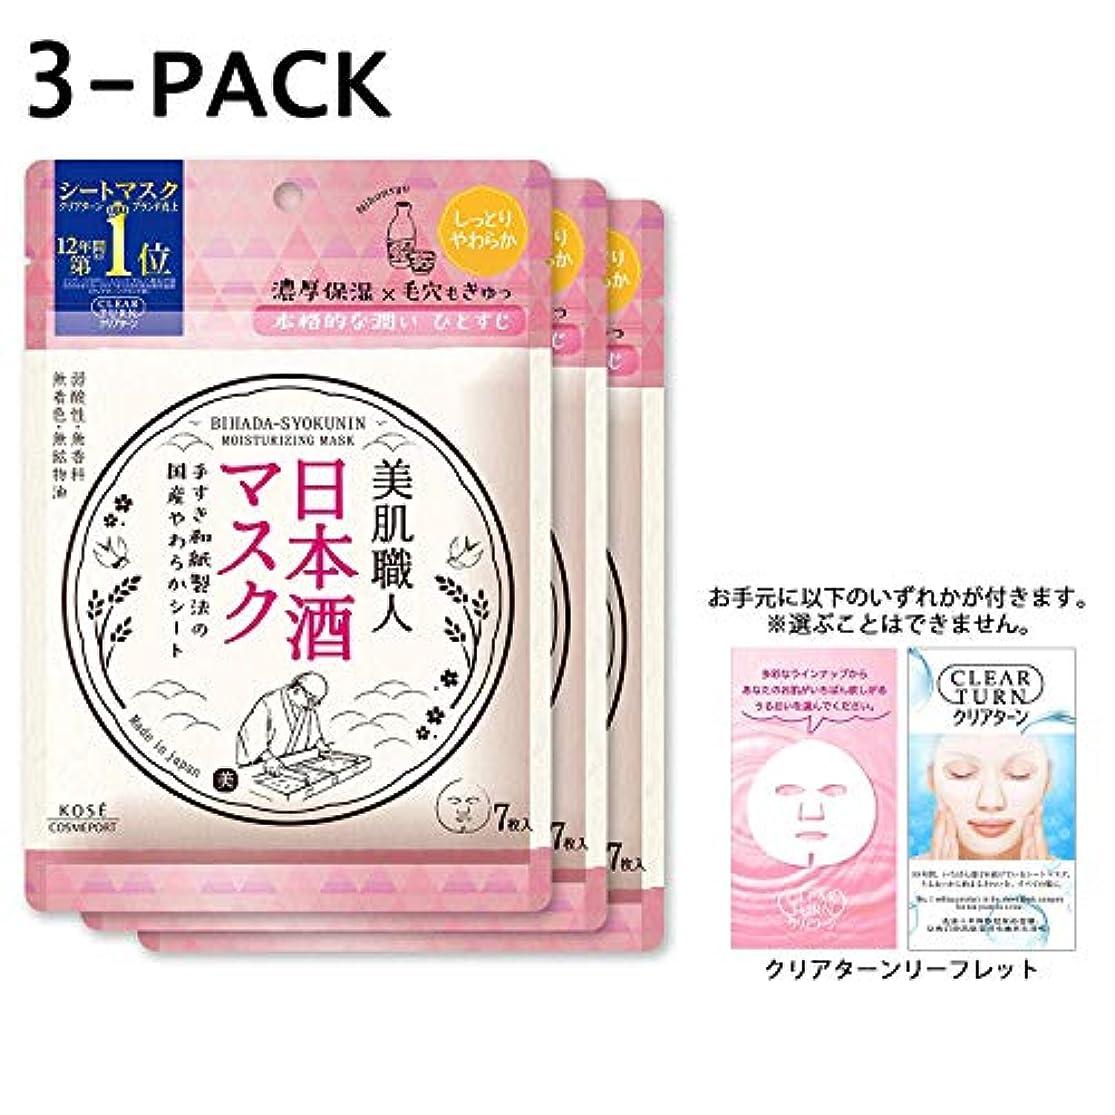 【Amazon.co.jp限定】KOSE クリアターン 美肌職人 日本酒 マスク 7枚 3パック リーフレット付 フェイスマスク